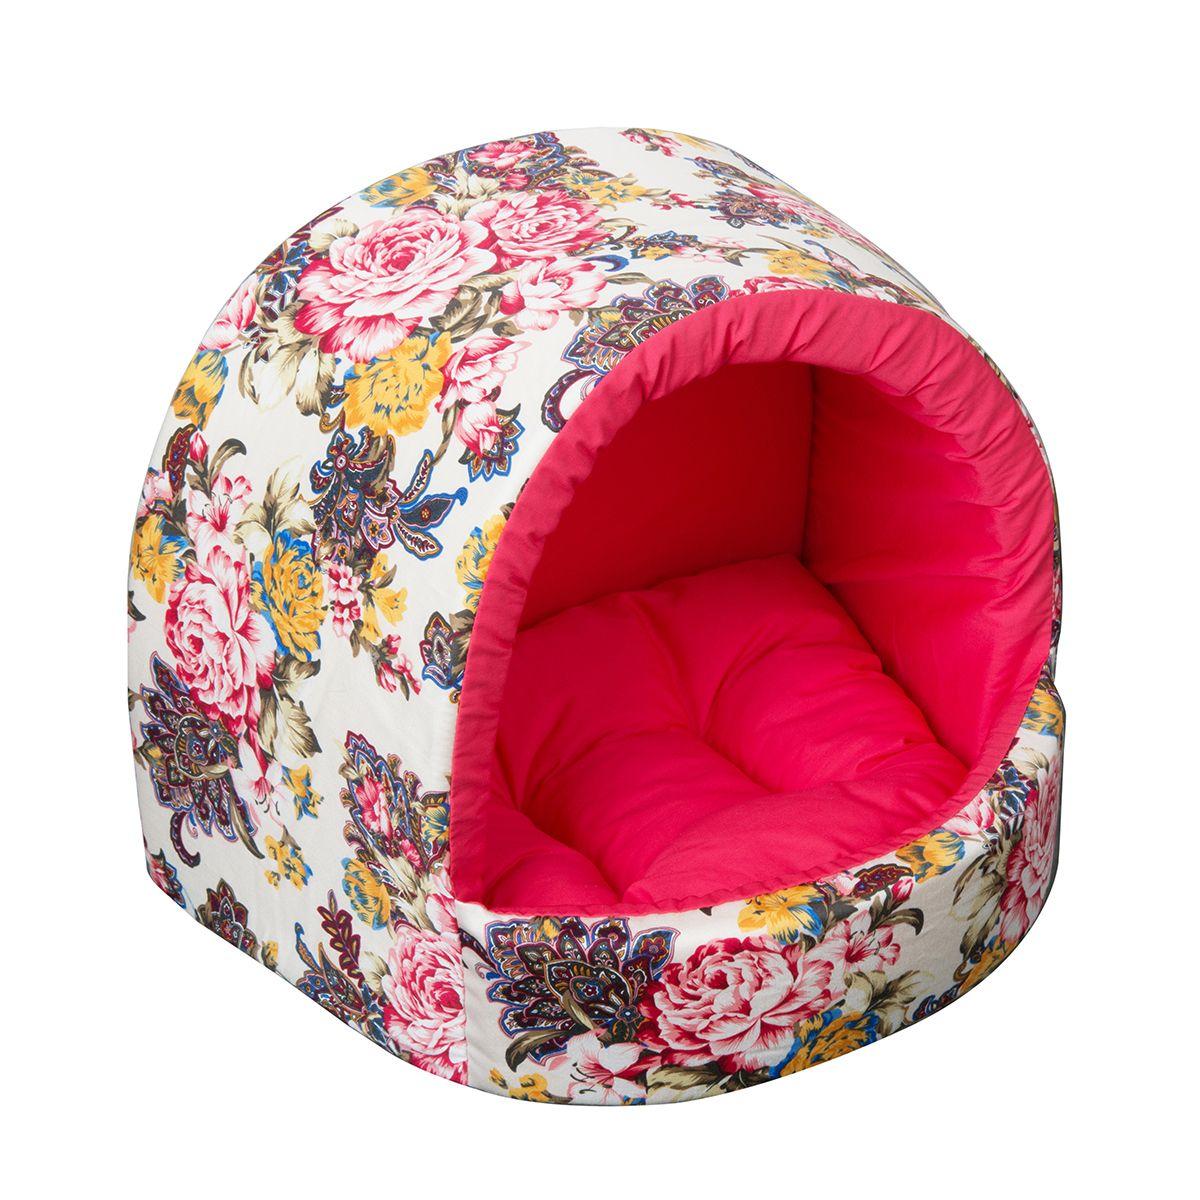 Домик Dogmoda Бутон 29*27*23 смDM-150019-1Модный цветочный дизайн этого уютного домика для животных отразит прекрасный вкус владельца и прекрасно дополнит интерьер.